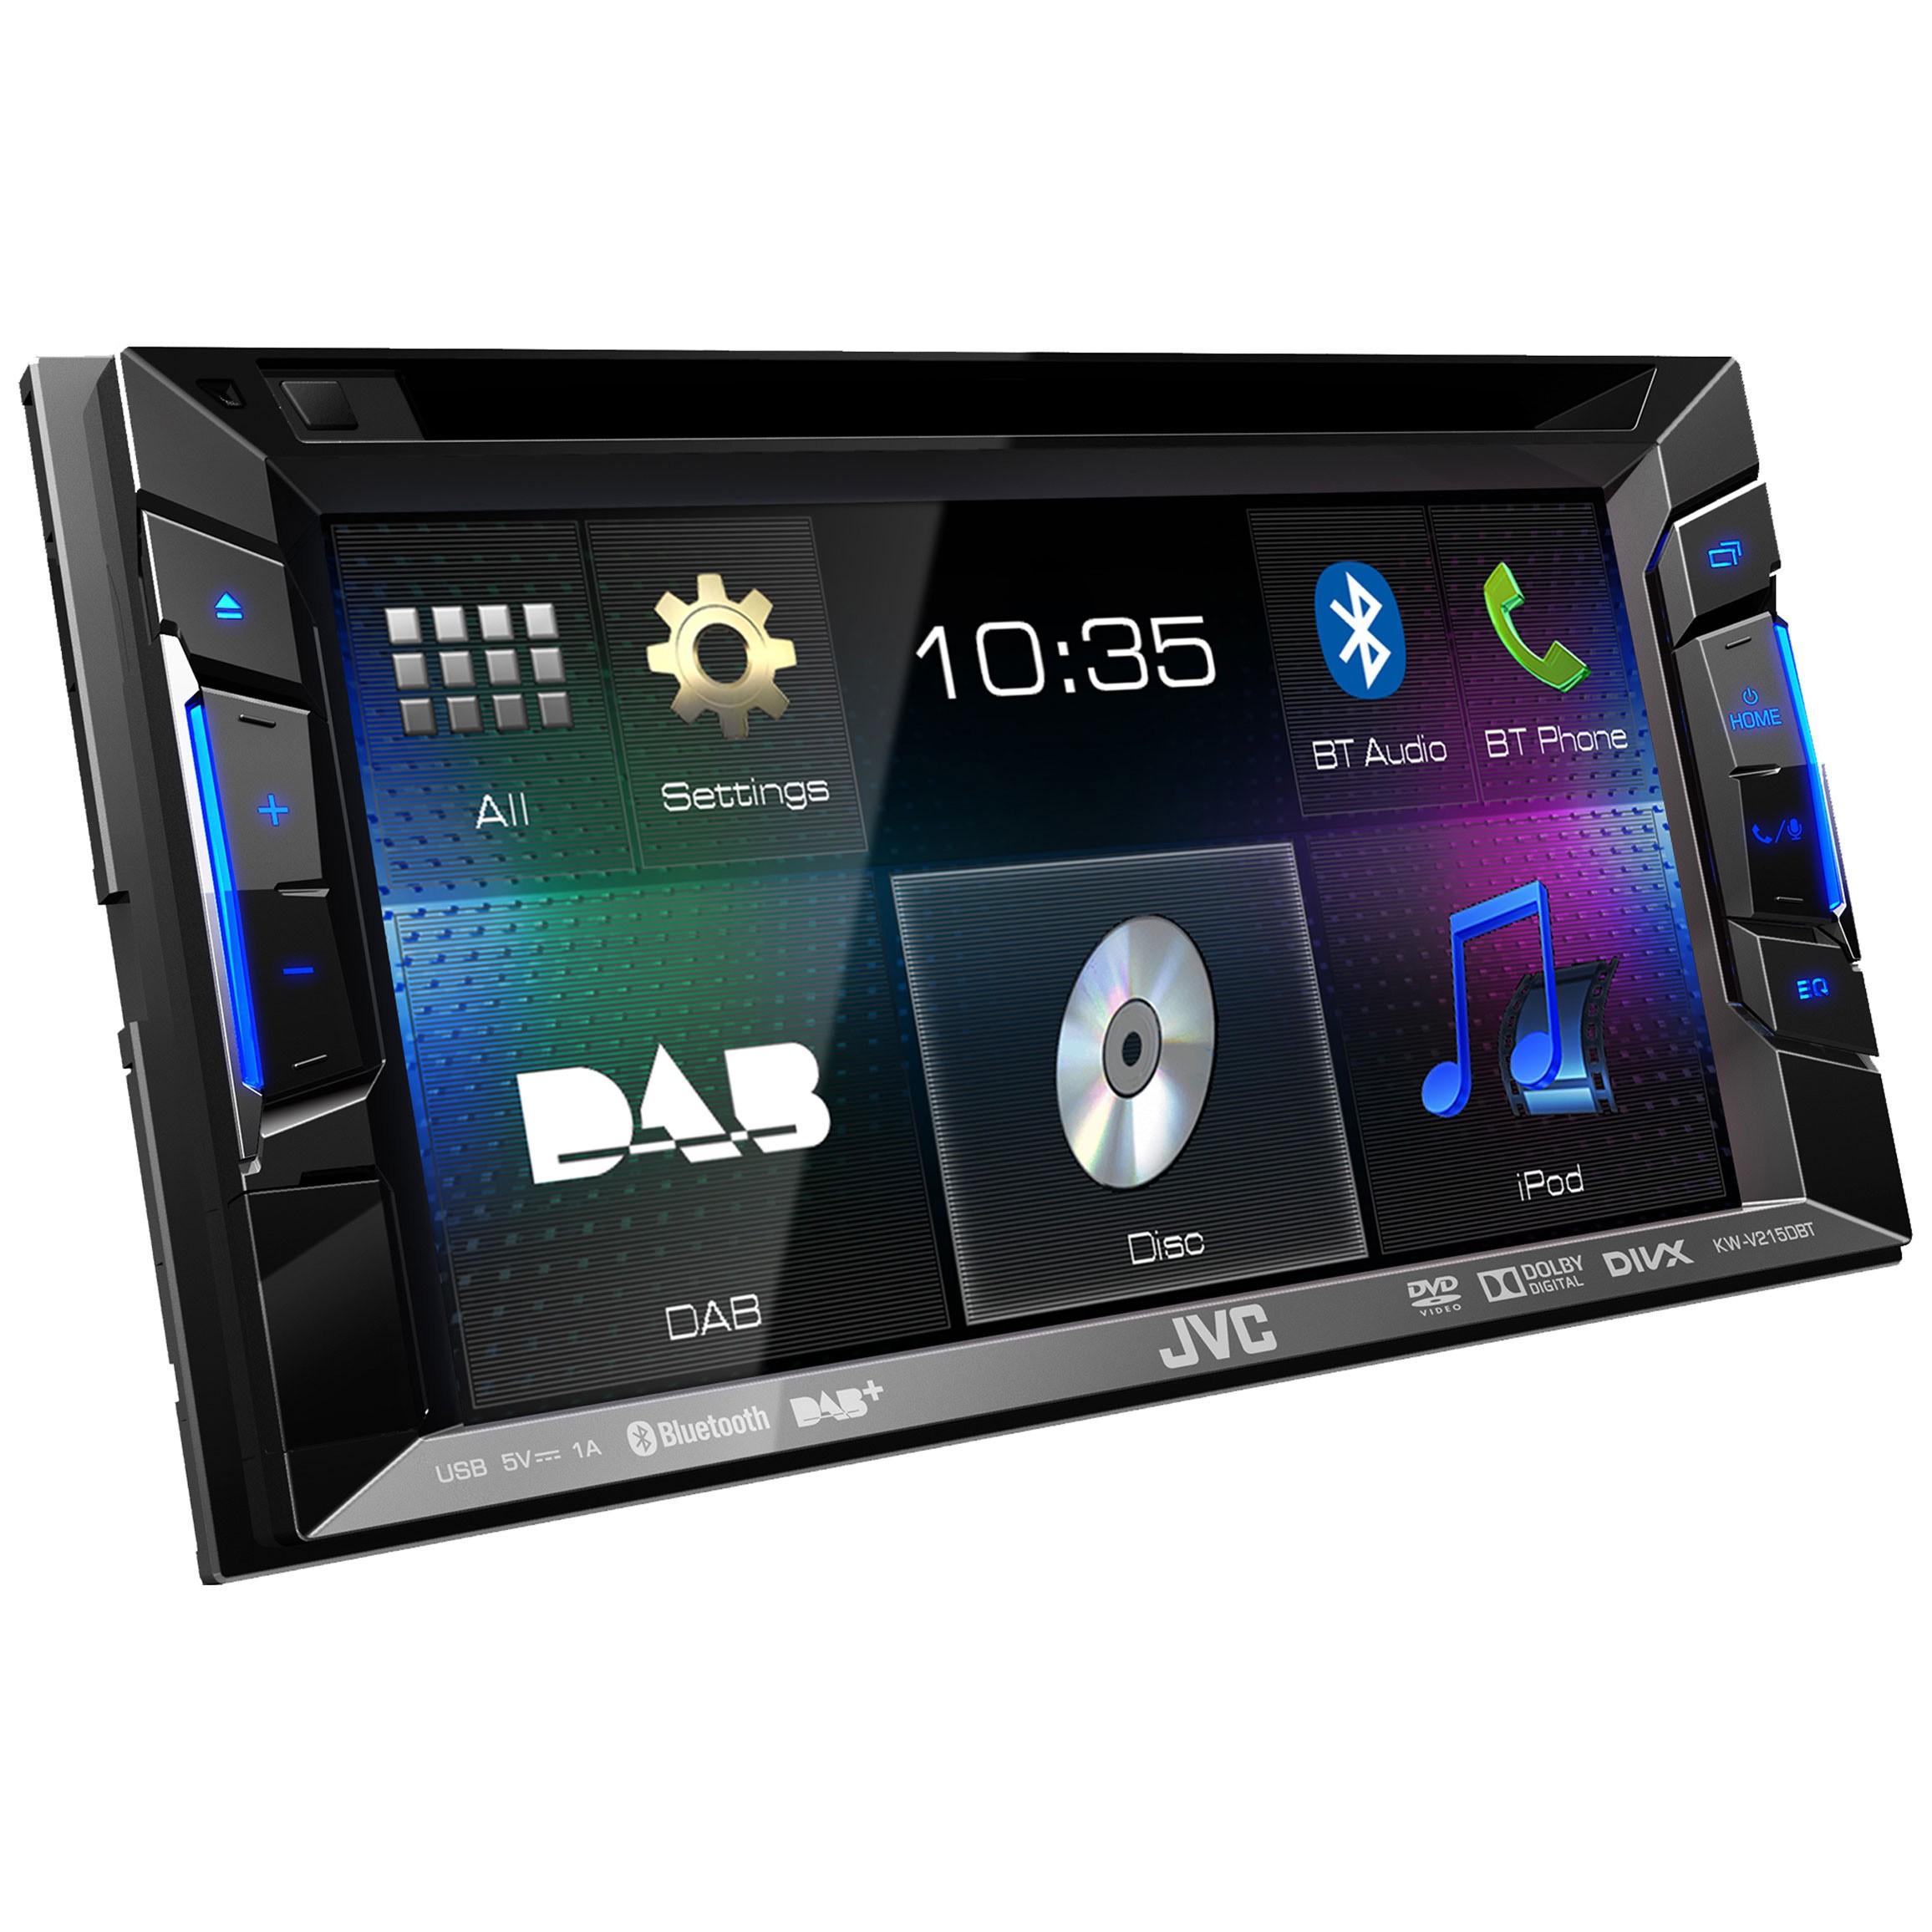 KW-V215DBT-E3A : JVC Car DAB+ Radio KWV215DBTE3A